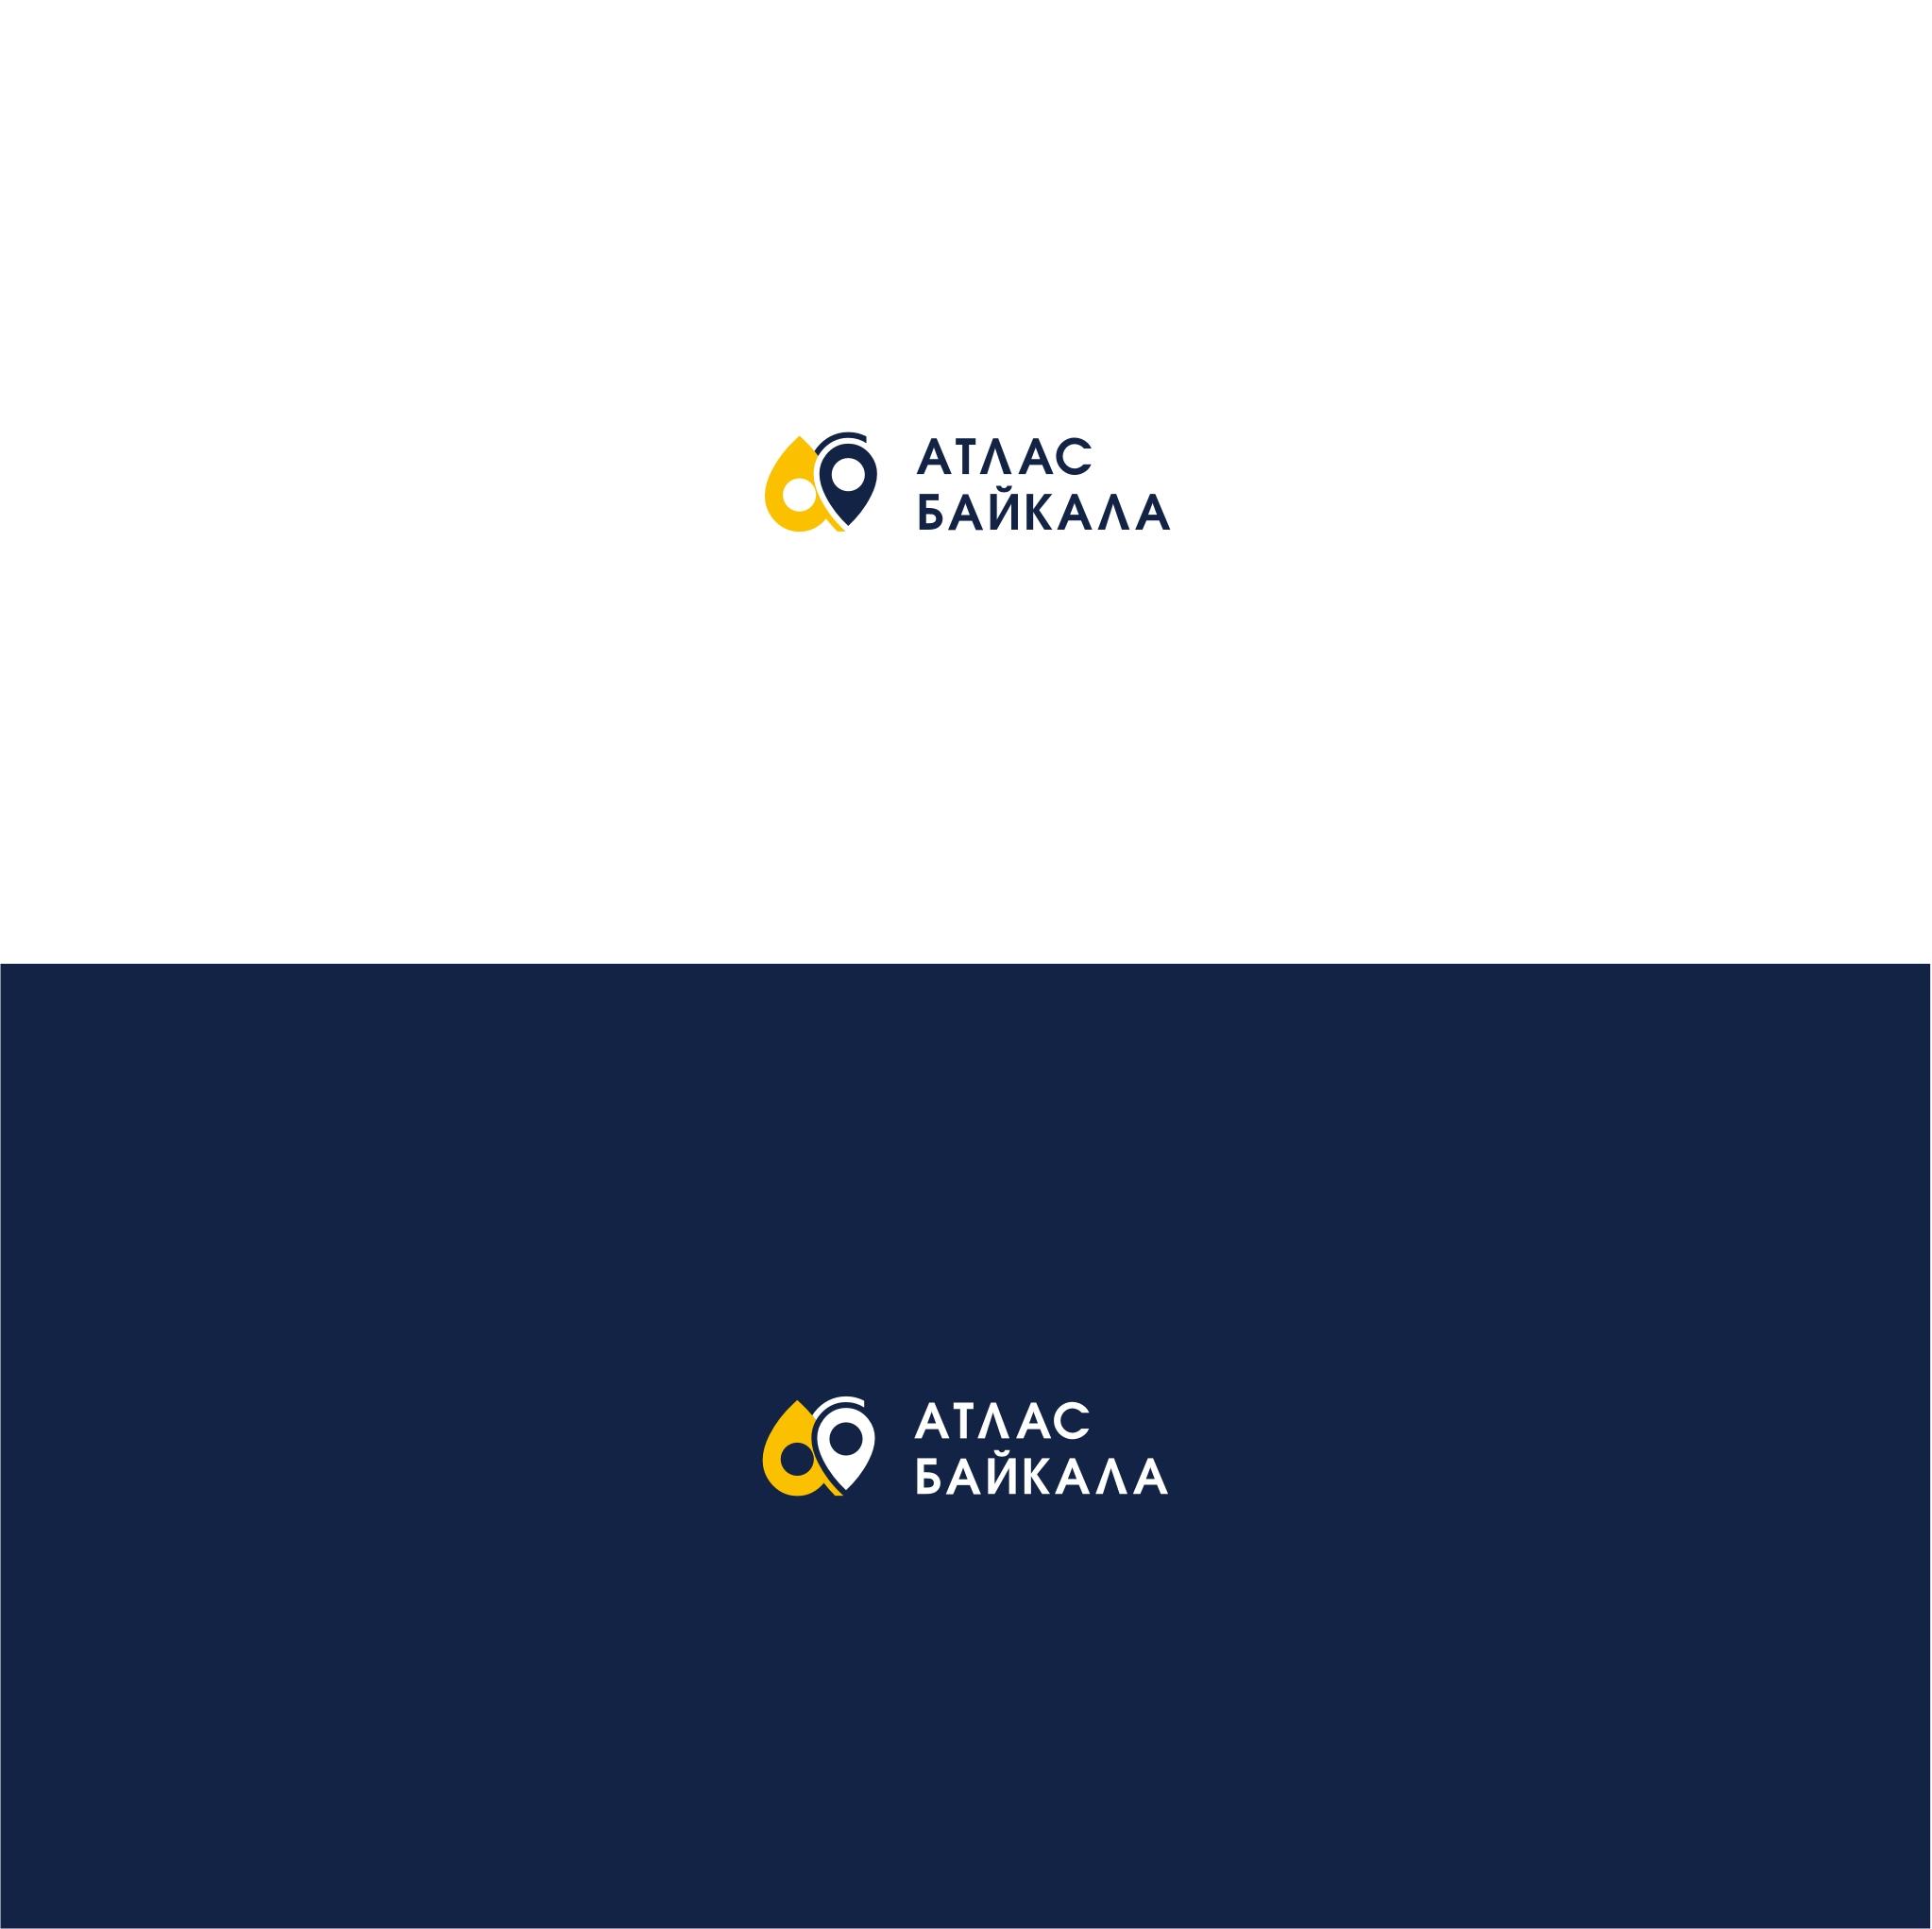 Разработка логотипа Атлас Байкала фото f_4195b152edca95bb.jpg